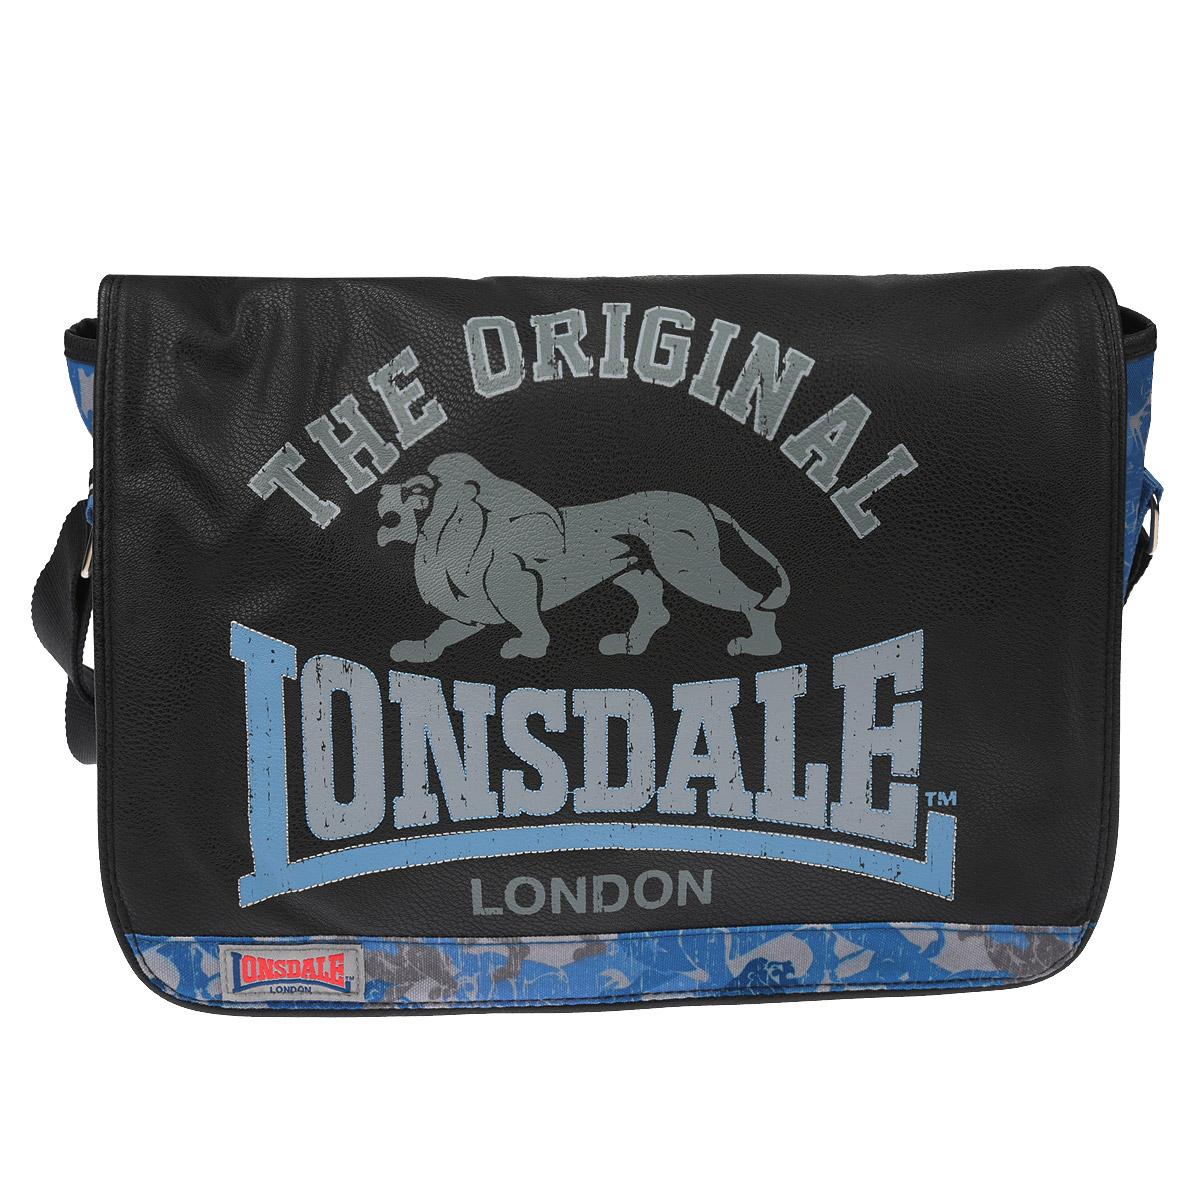 Сумка молодежная Lonsdale, цвет: черный, серый, голубой72523WDОригинальная молодежная сумка Lonsdale прекрасно подойдет для учебы, занятий спортом и повседневных дел. Стильная, легкая и удобная сумка с ярким принтом станет незаменимым аксессуаром. Вместительное внутреннее отделение закрывается на клапан с магнитными кнопками, в него поместятся все необходимые школьные принадлежности или спортивная форма. Внутри имеется врезной карман на молнии, куда можно разместить предметы небольшого размера. Плотная и широкая лямка свободно регулируется по длине, что позволяет носить сумку школьникам разного возраста. Лаконичный и сдержанный дизайн подчеркнет индивидуальность и порадует своей функциональностью.